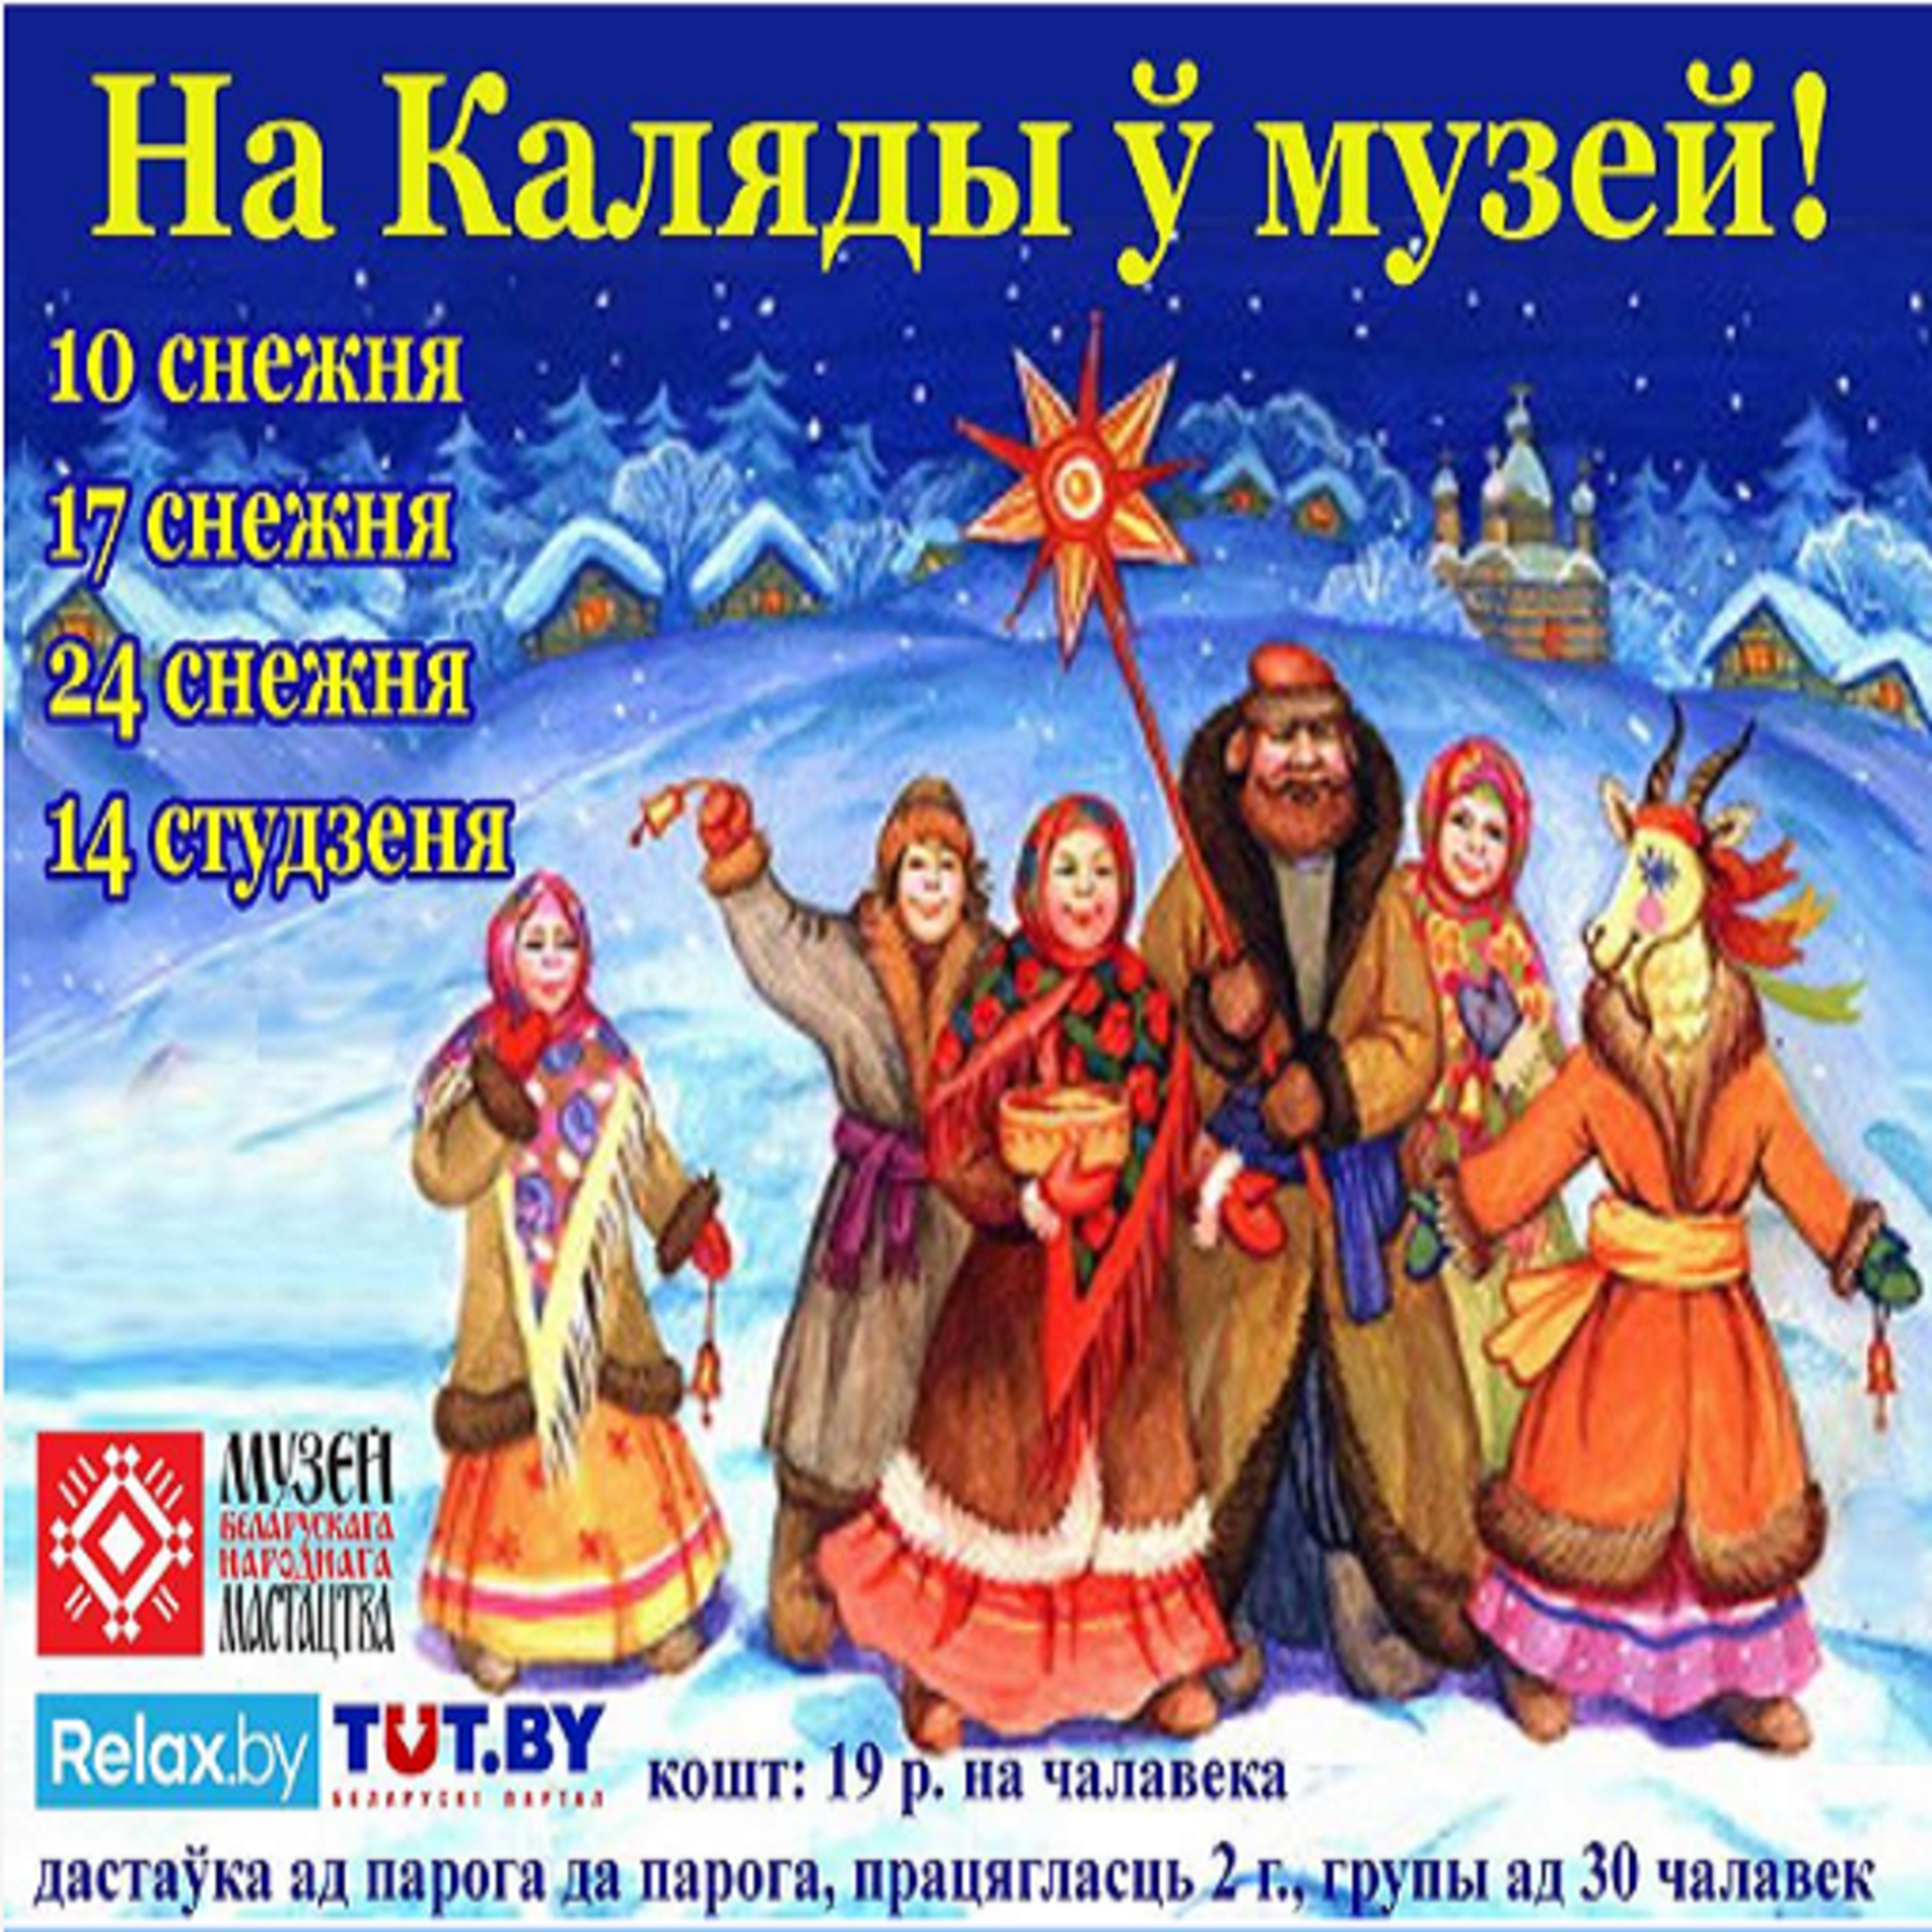 Детская новогодняя программа «На Рождество в музей!»